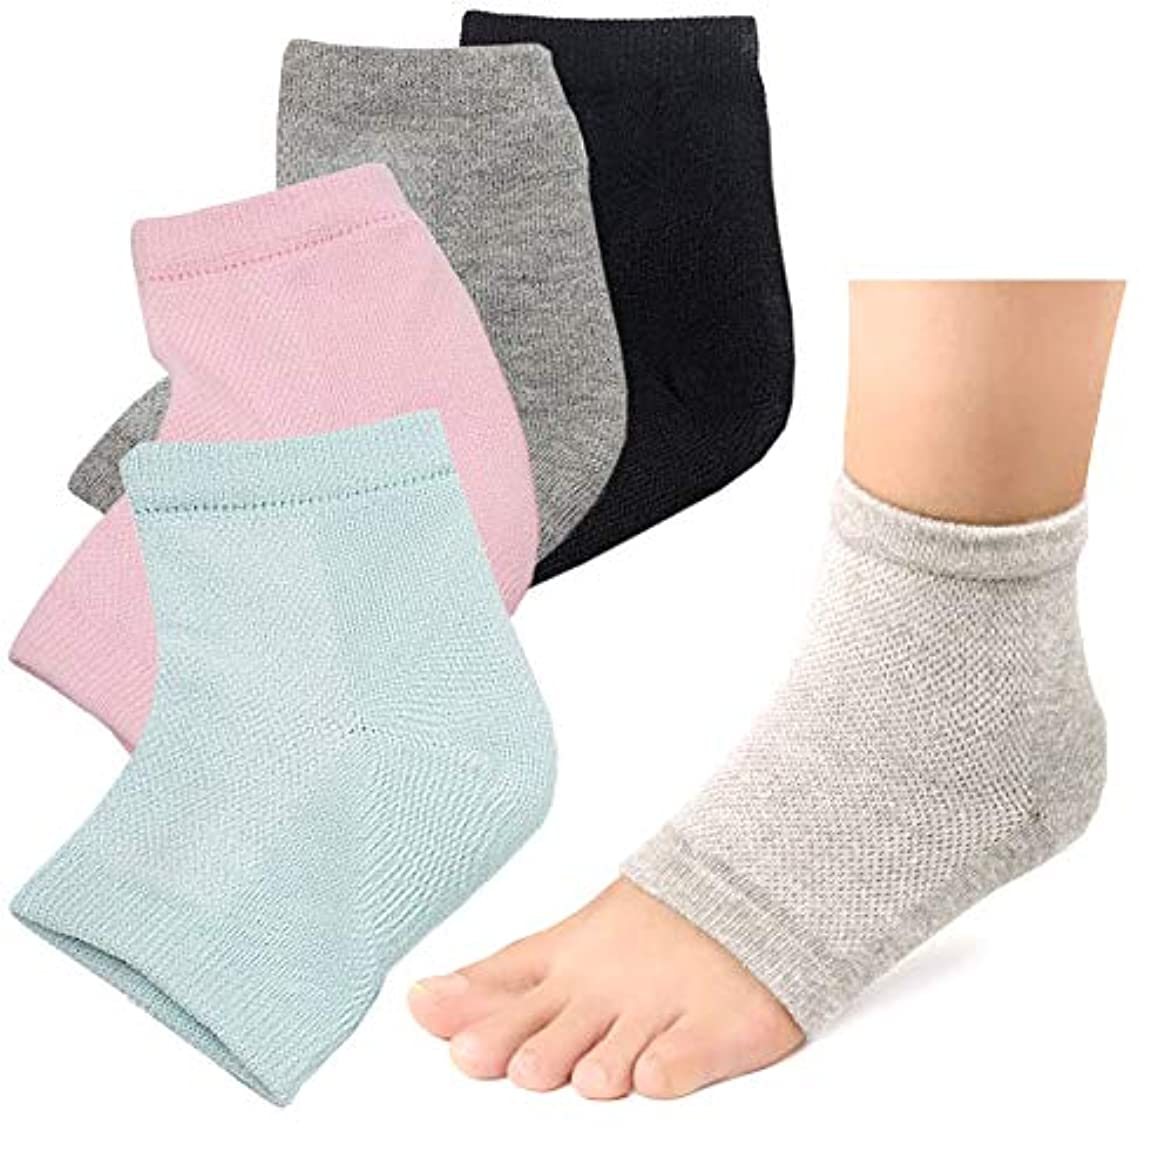 病者時収縮かかと 靴下 ソックス つるつる 2足セット かかとケア かかとサポーター ひび割れ対策 角質ケア (グレー/グリーン)